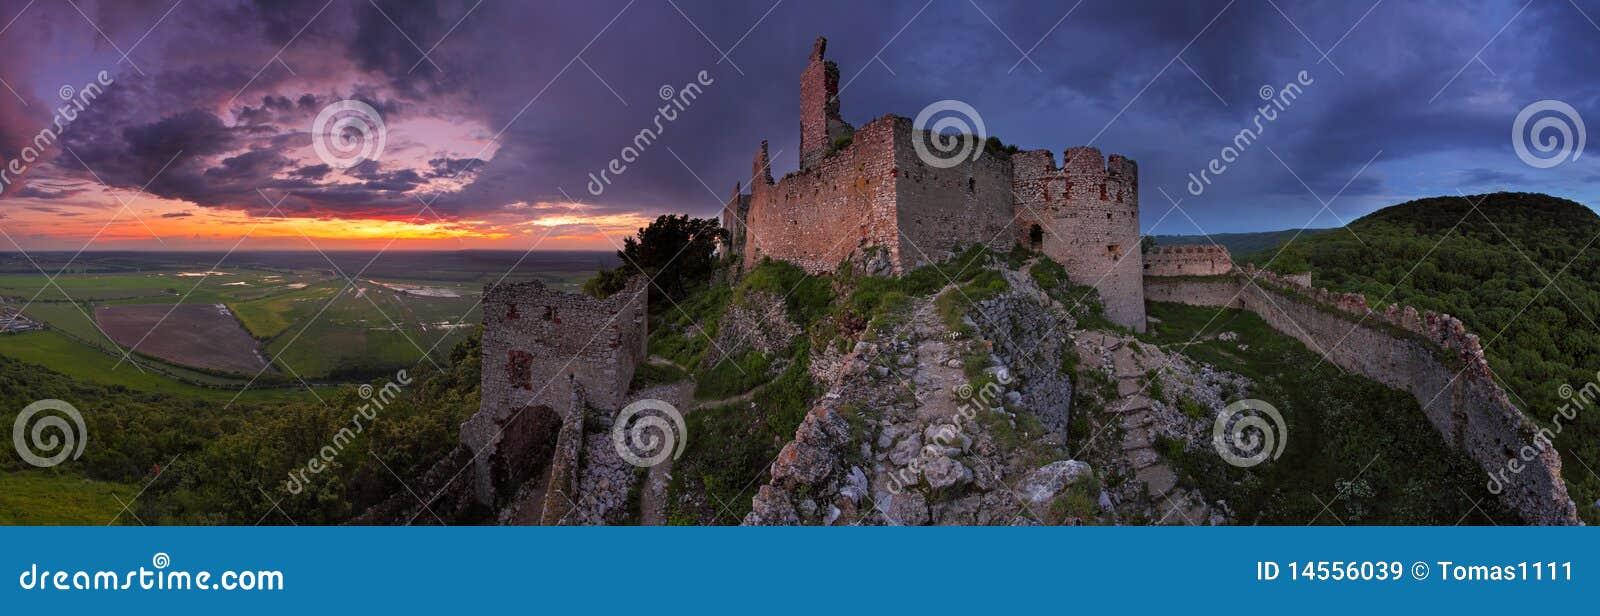 το κάστρο σύχνασε την πανο